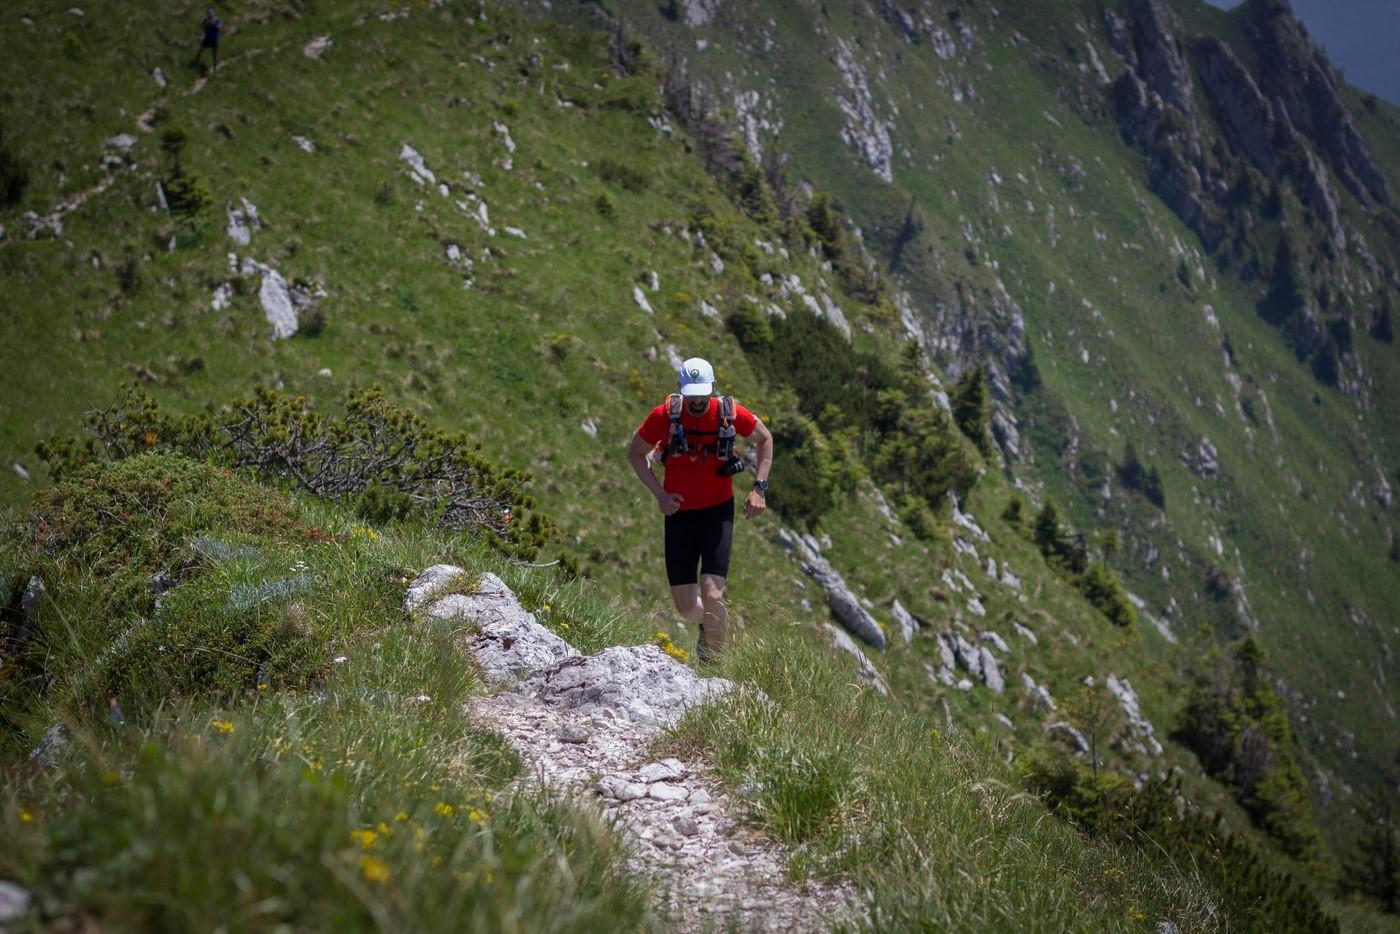 אילן פריש מטפס במחנה האימונים של Summit בסלובניה